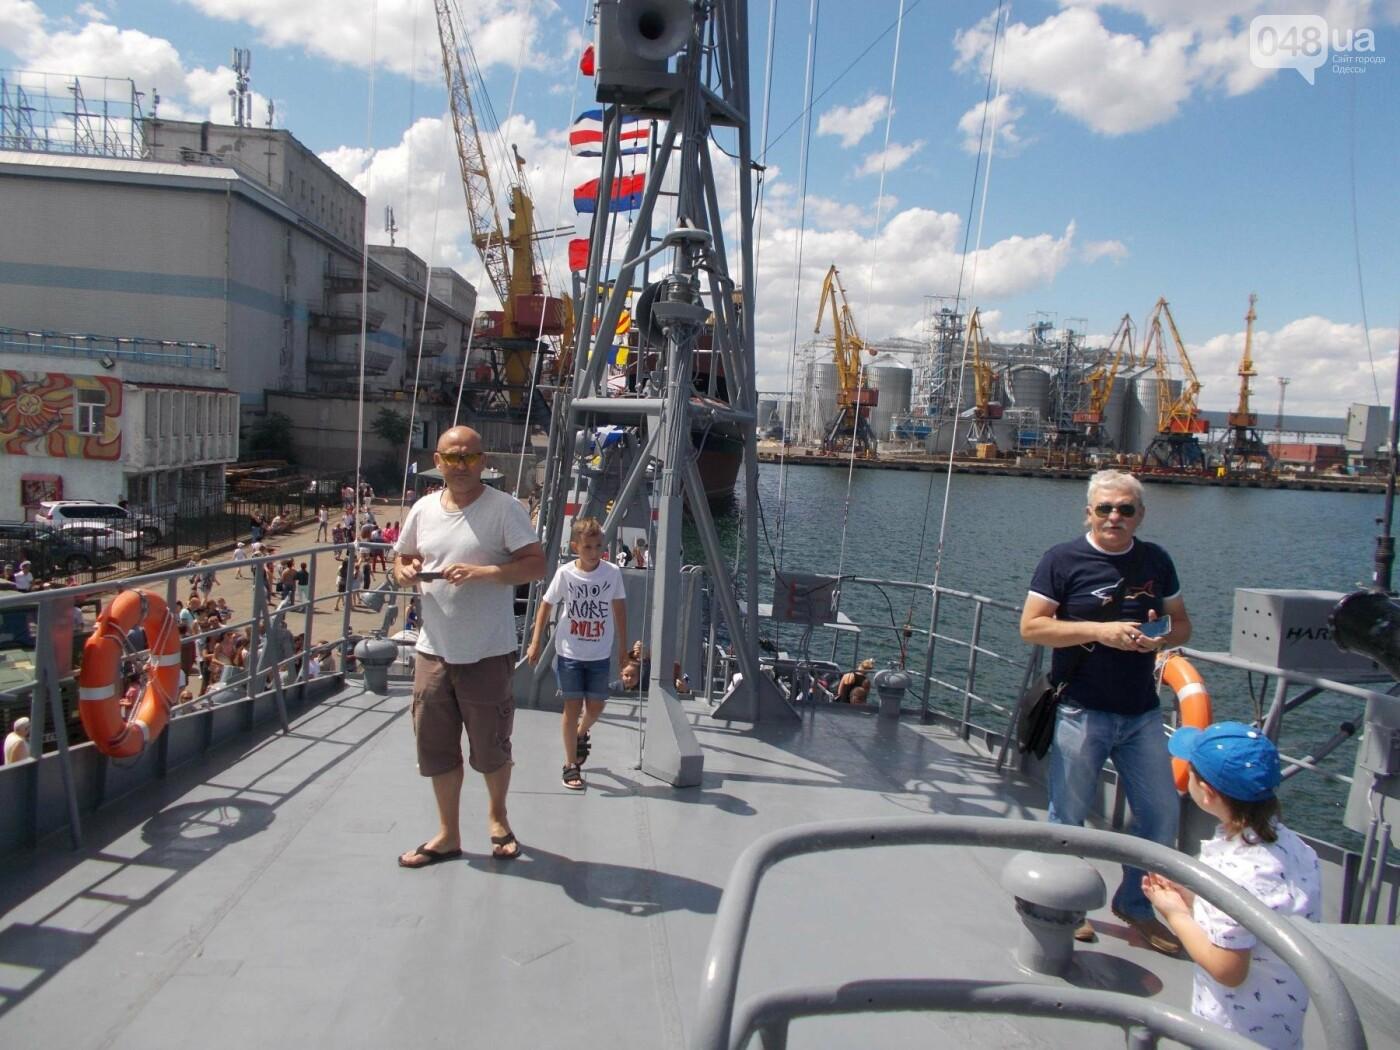 День Военно-морских сил Украины отпраздновали на Одесском морвокзале, - ФОТО , фото-19